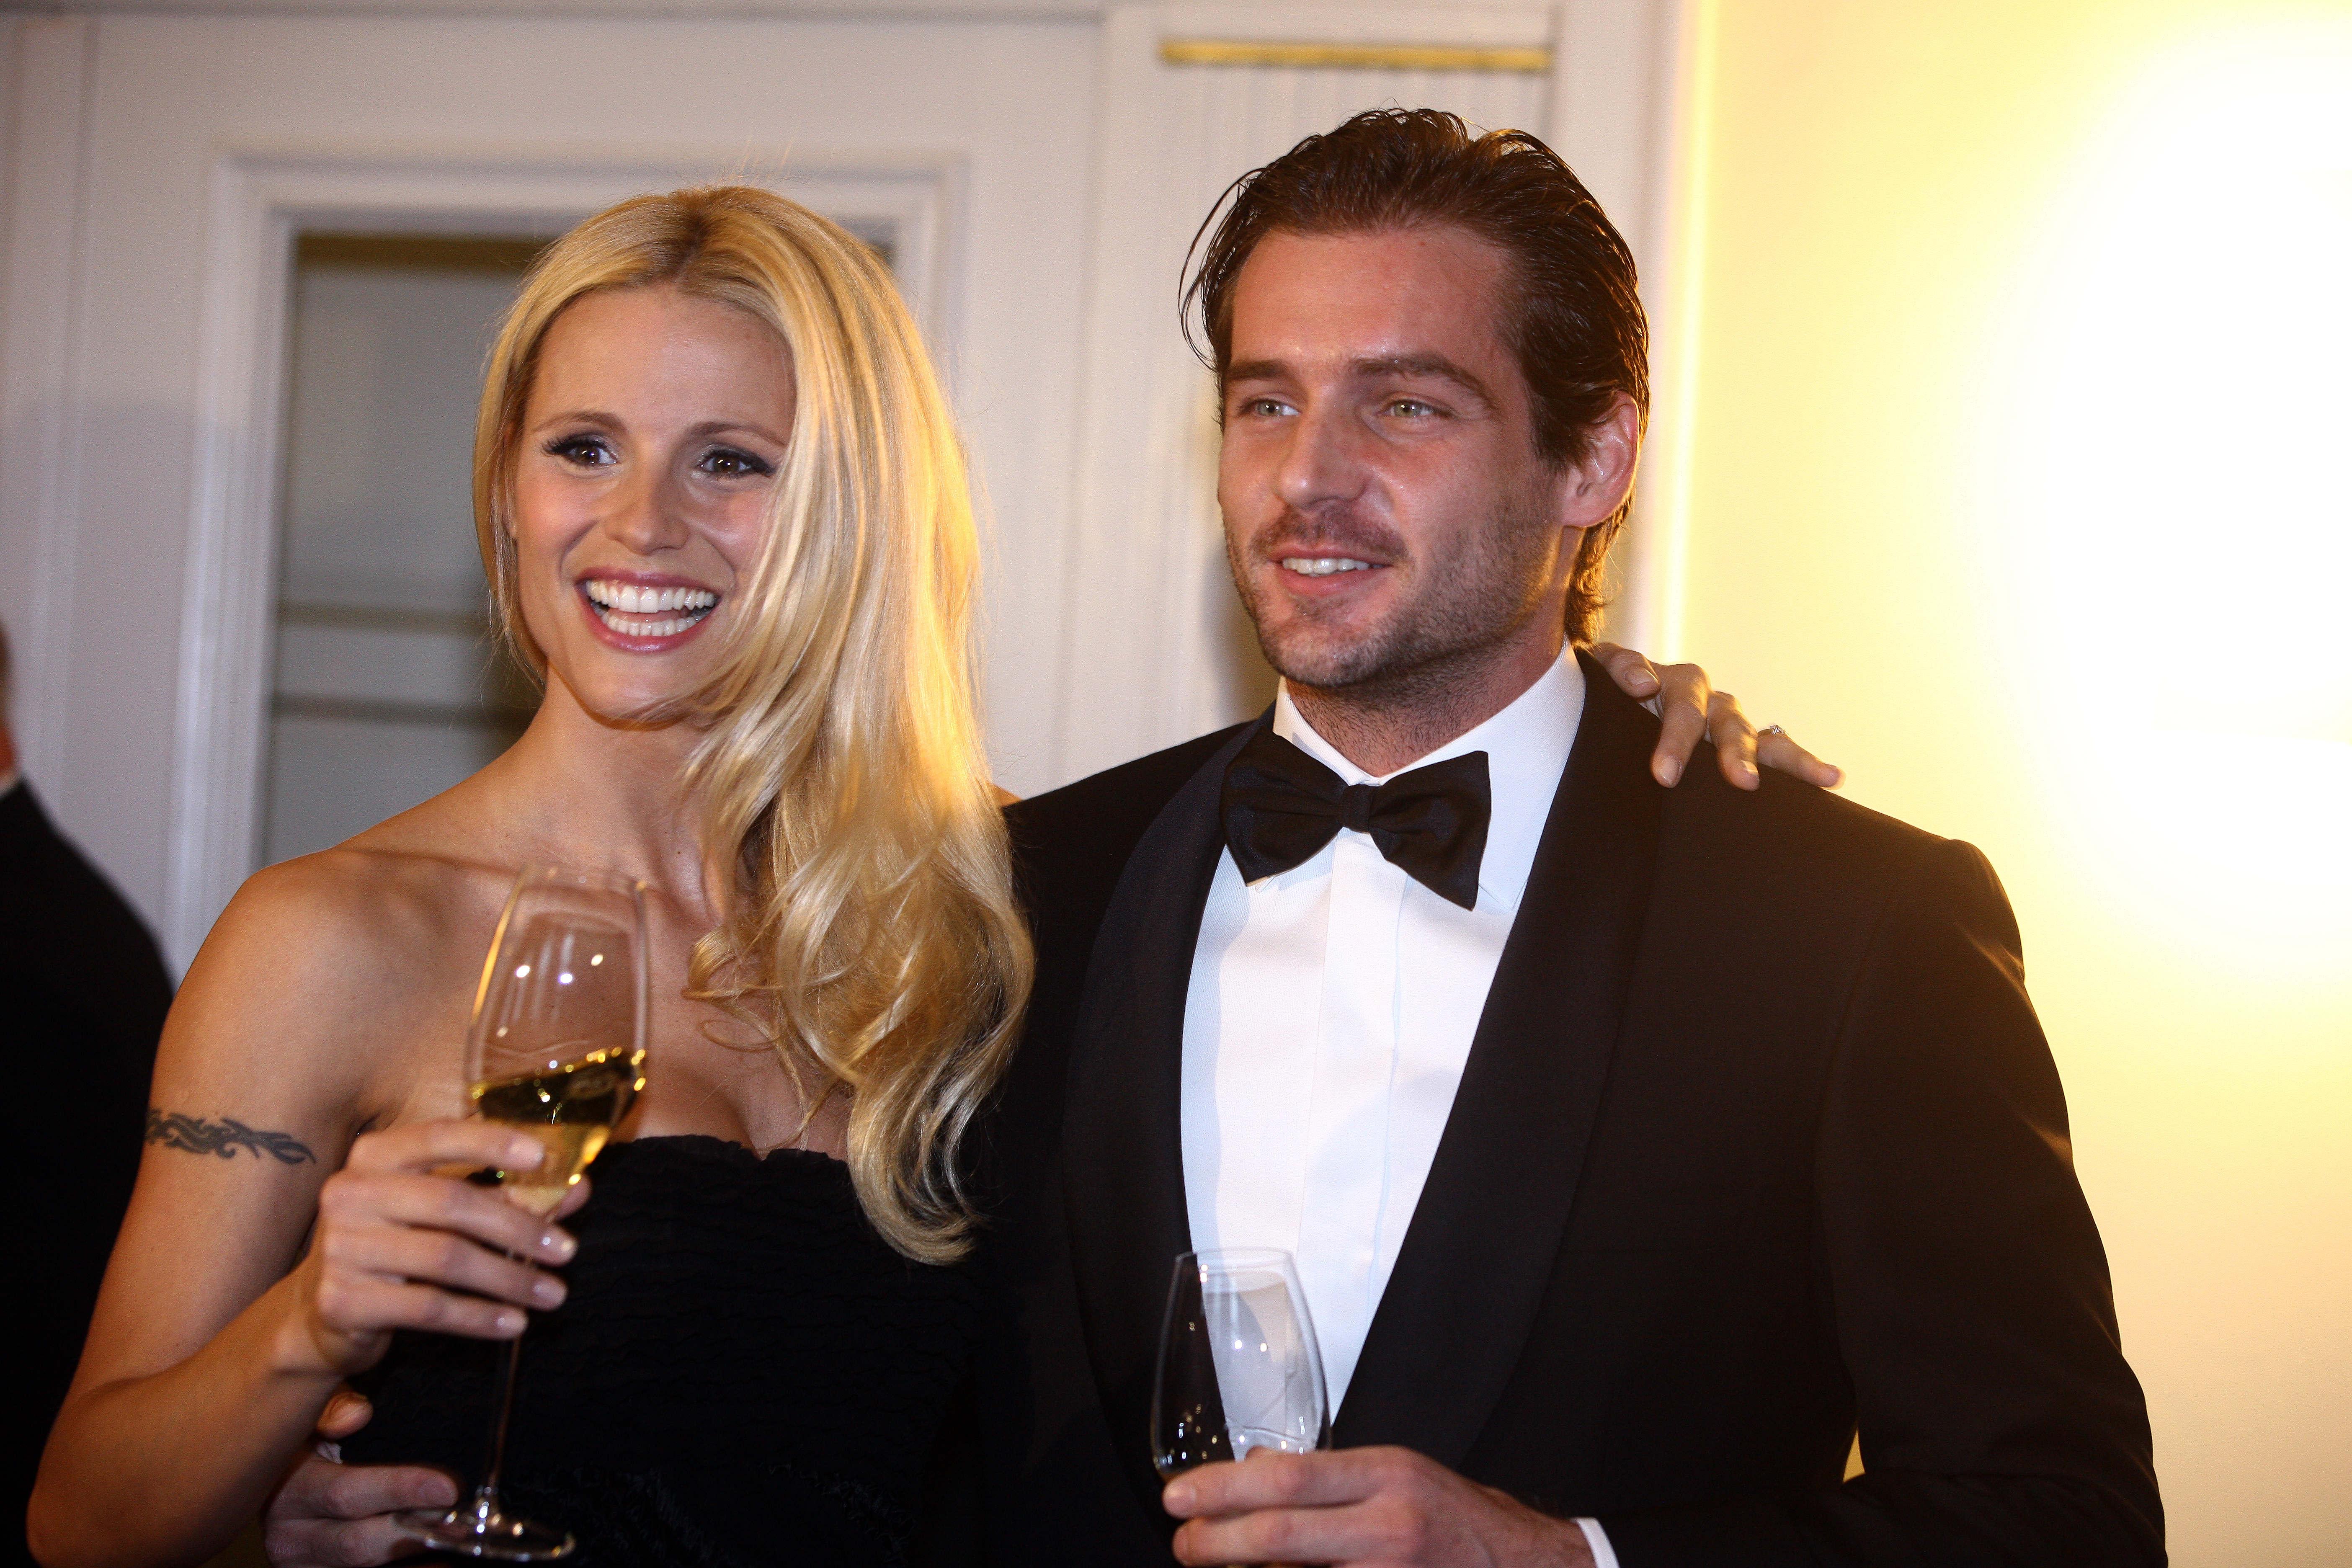 Michelle Hunziker e Tomaso Trussardi sposi? Spuntano le pubblicazioni